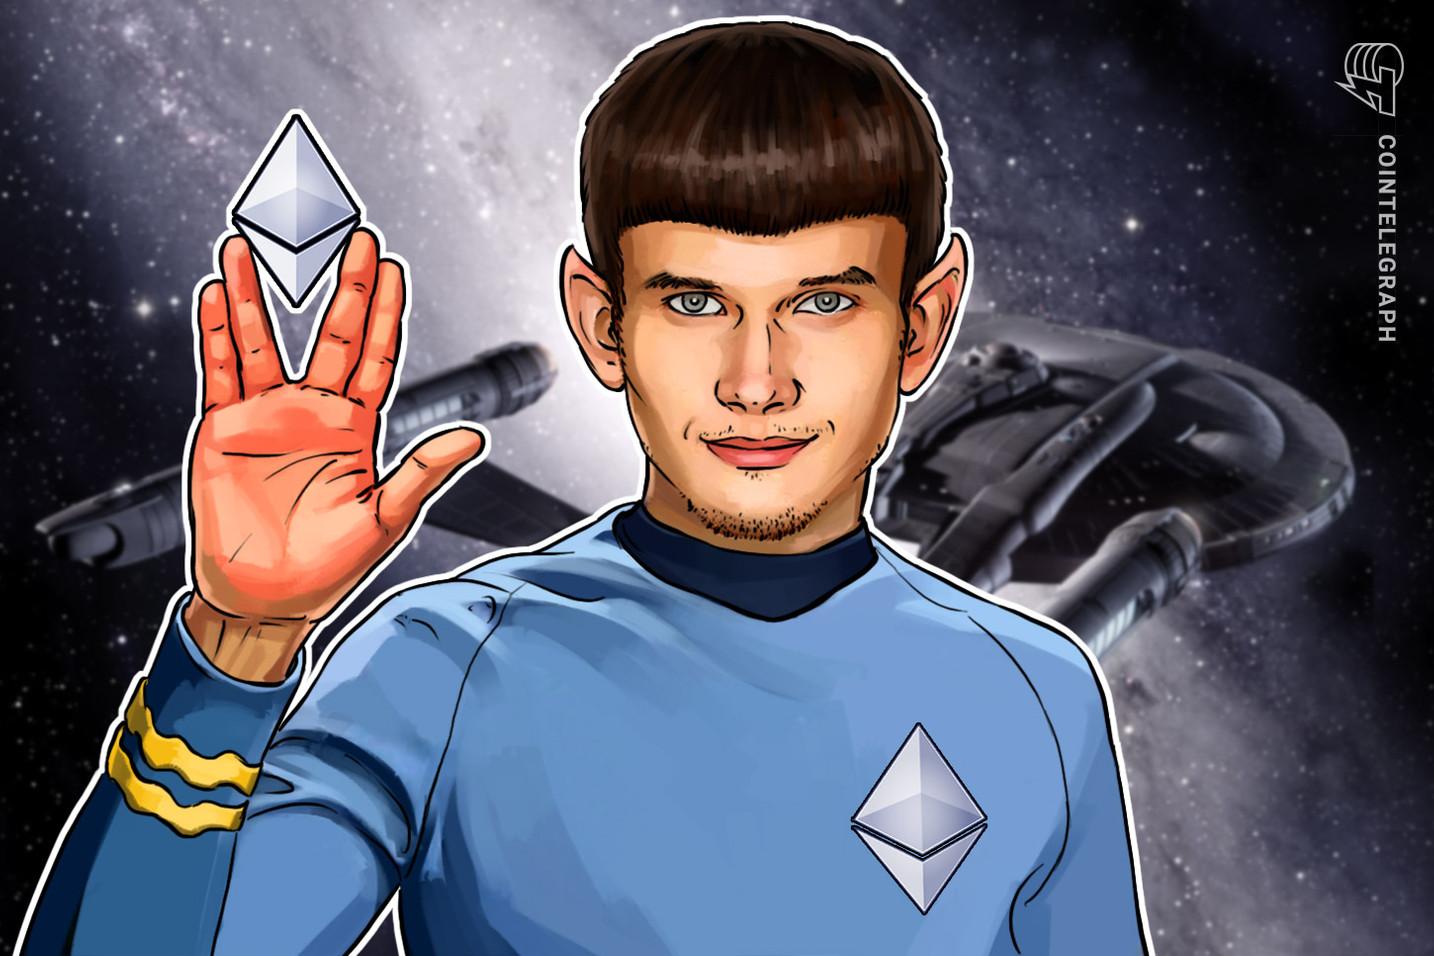 Alle Phaser auf HODL: Star Trek-Star William Shatner twittert positiv über Vitalik Buterin